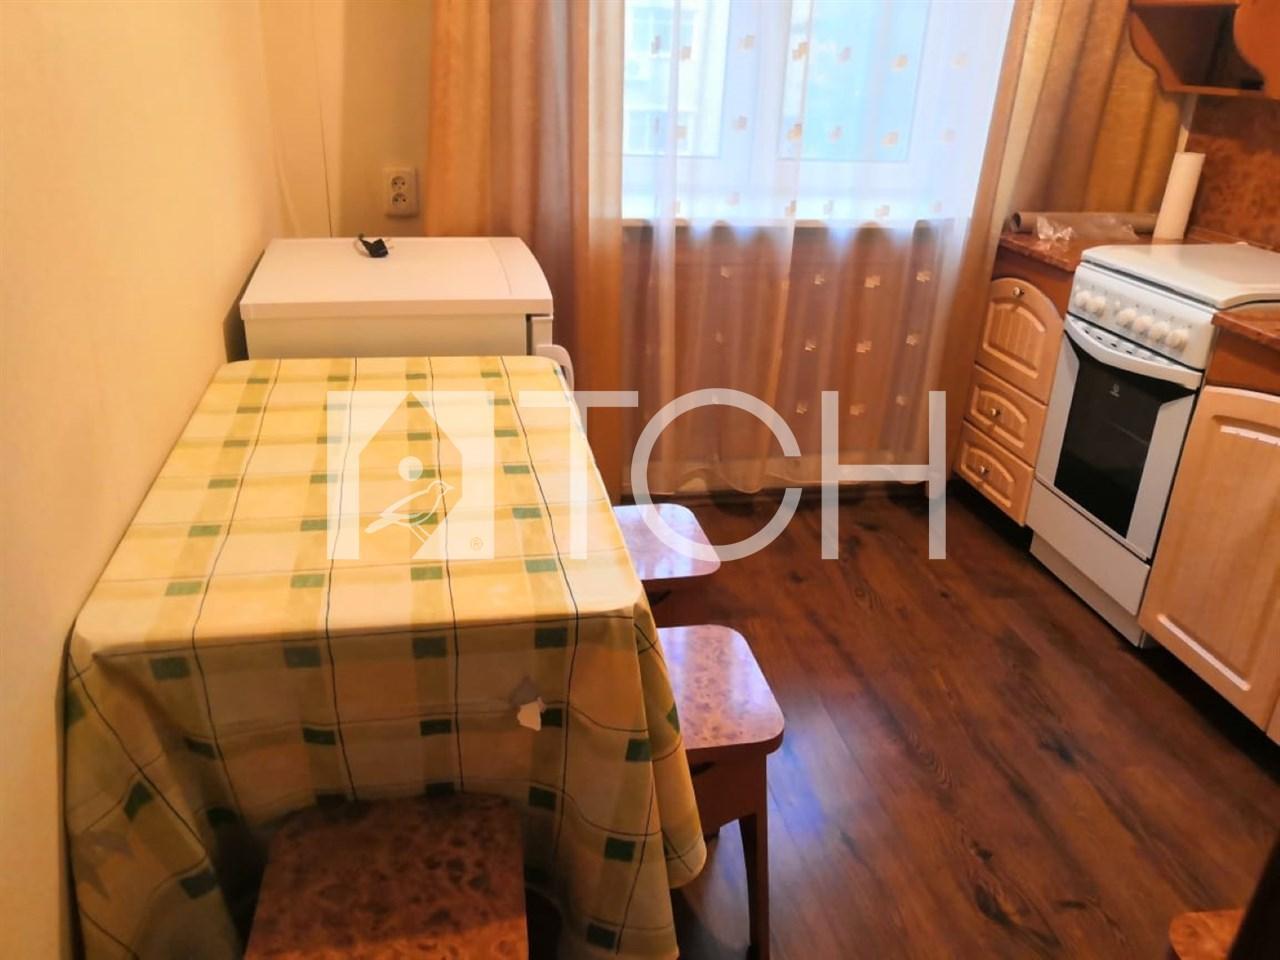 Квартира, 2 комнаты, 44 м² в Ивантеевке 89261425000 купить 10